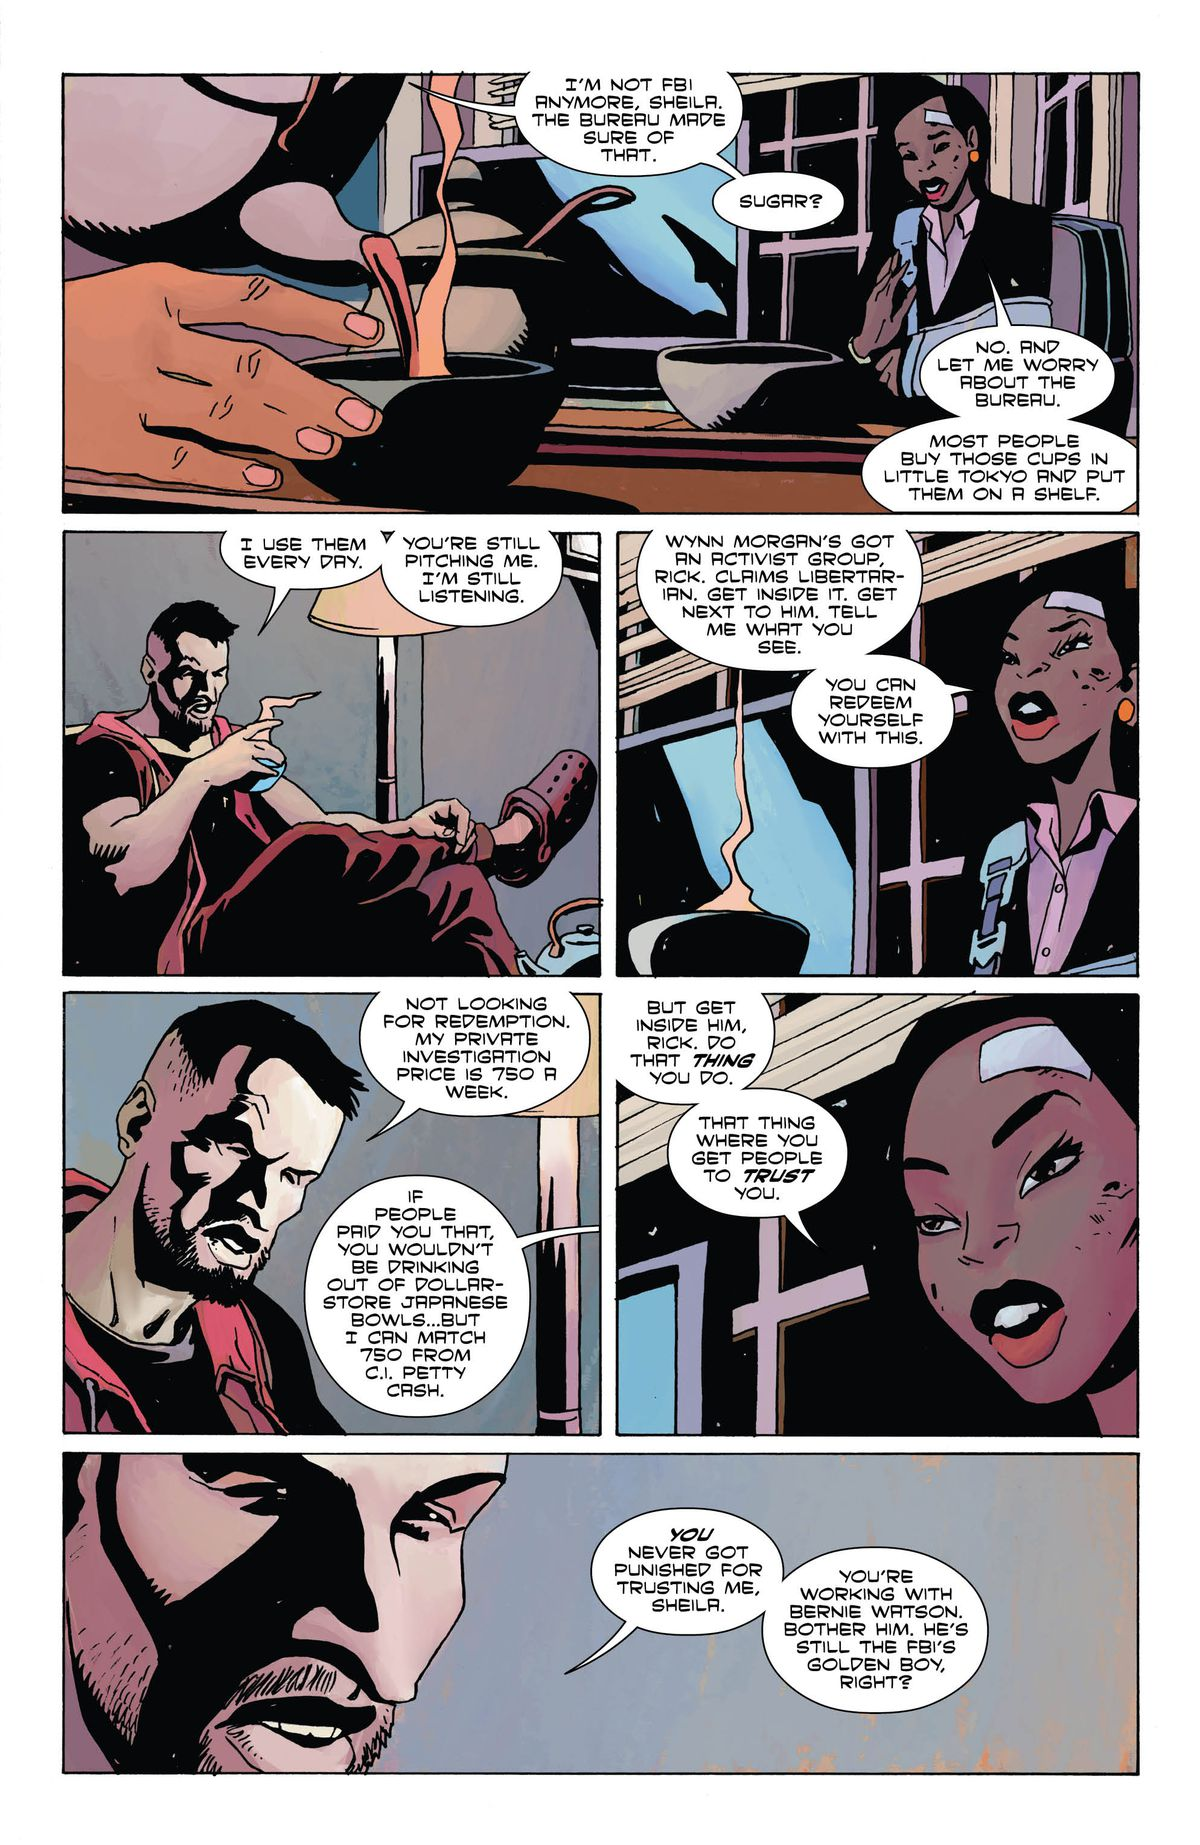 From American Carnage, DC Vertigo (2018).